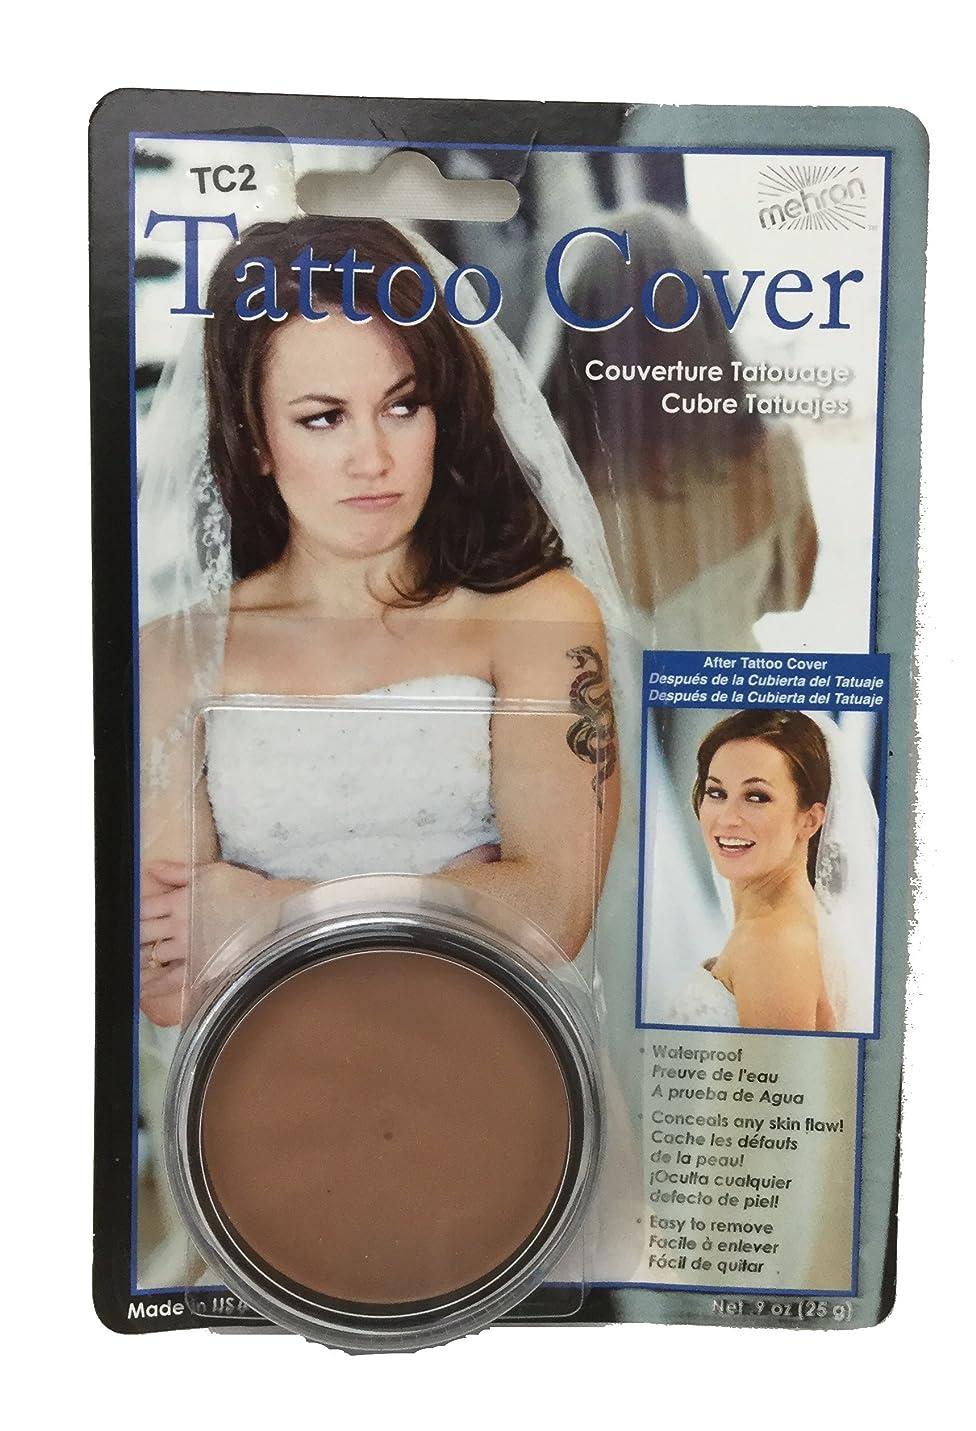 女性むき出し支援するmehron Tattoo Cover - Lightes Color (並行輸入品)